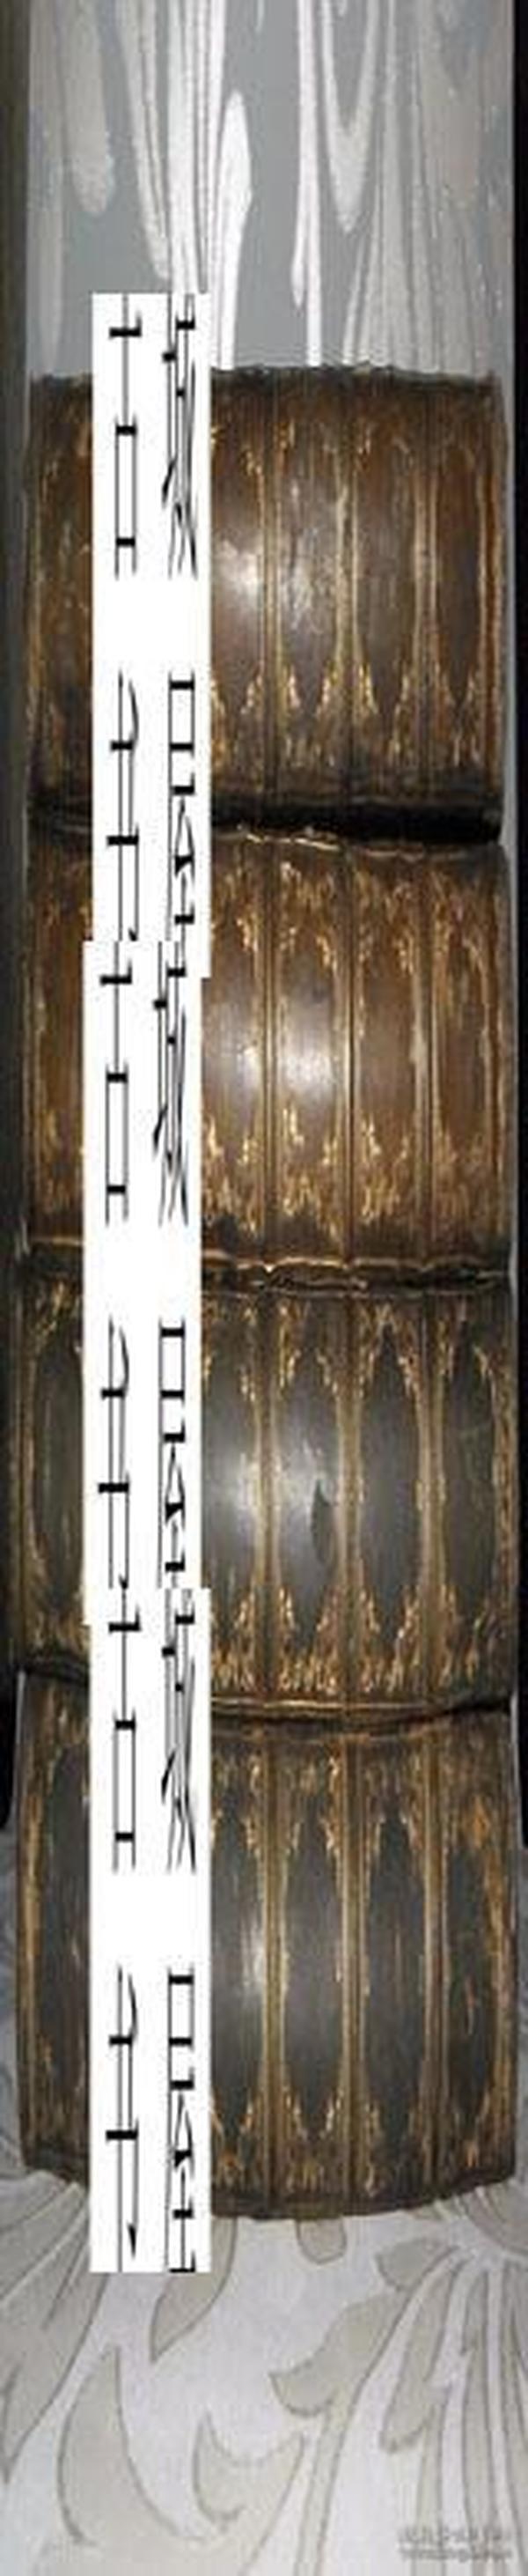 稀缺,《伦敦喧闹的庆祝,1889/1894/97/98》4卷,大量黑白插图,精装